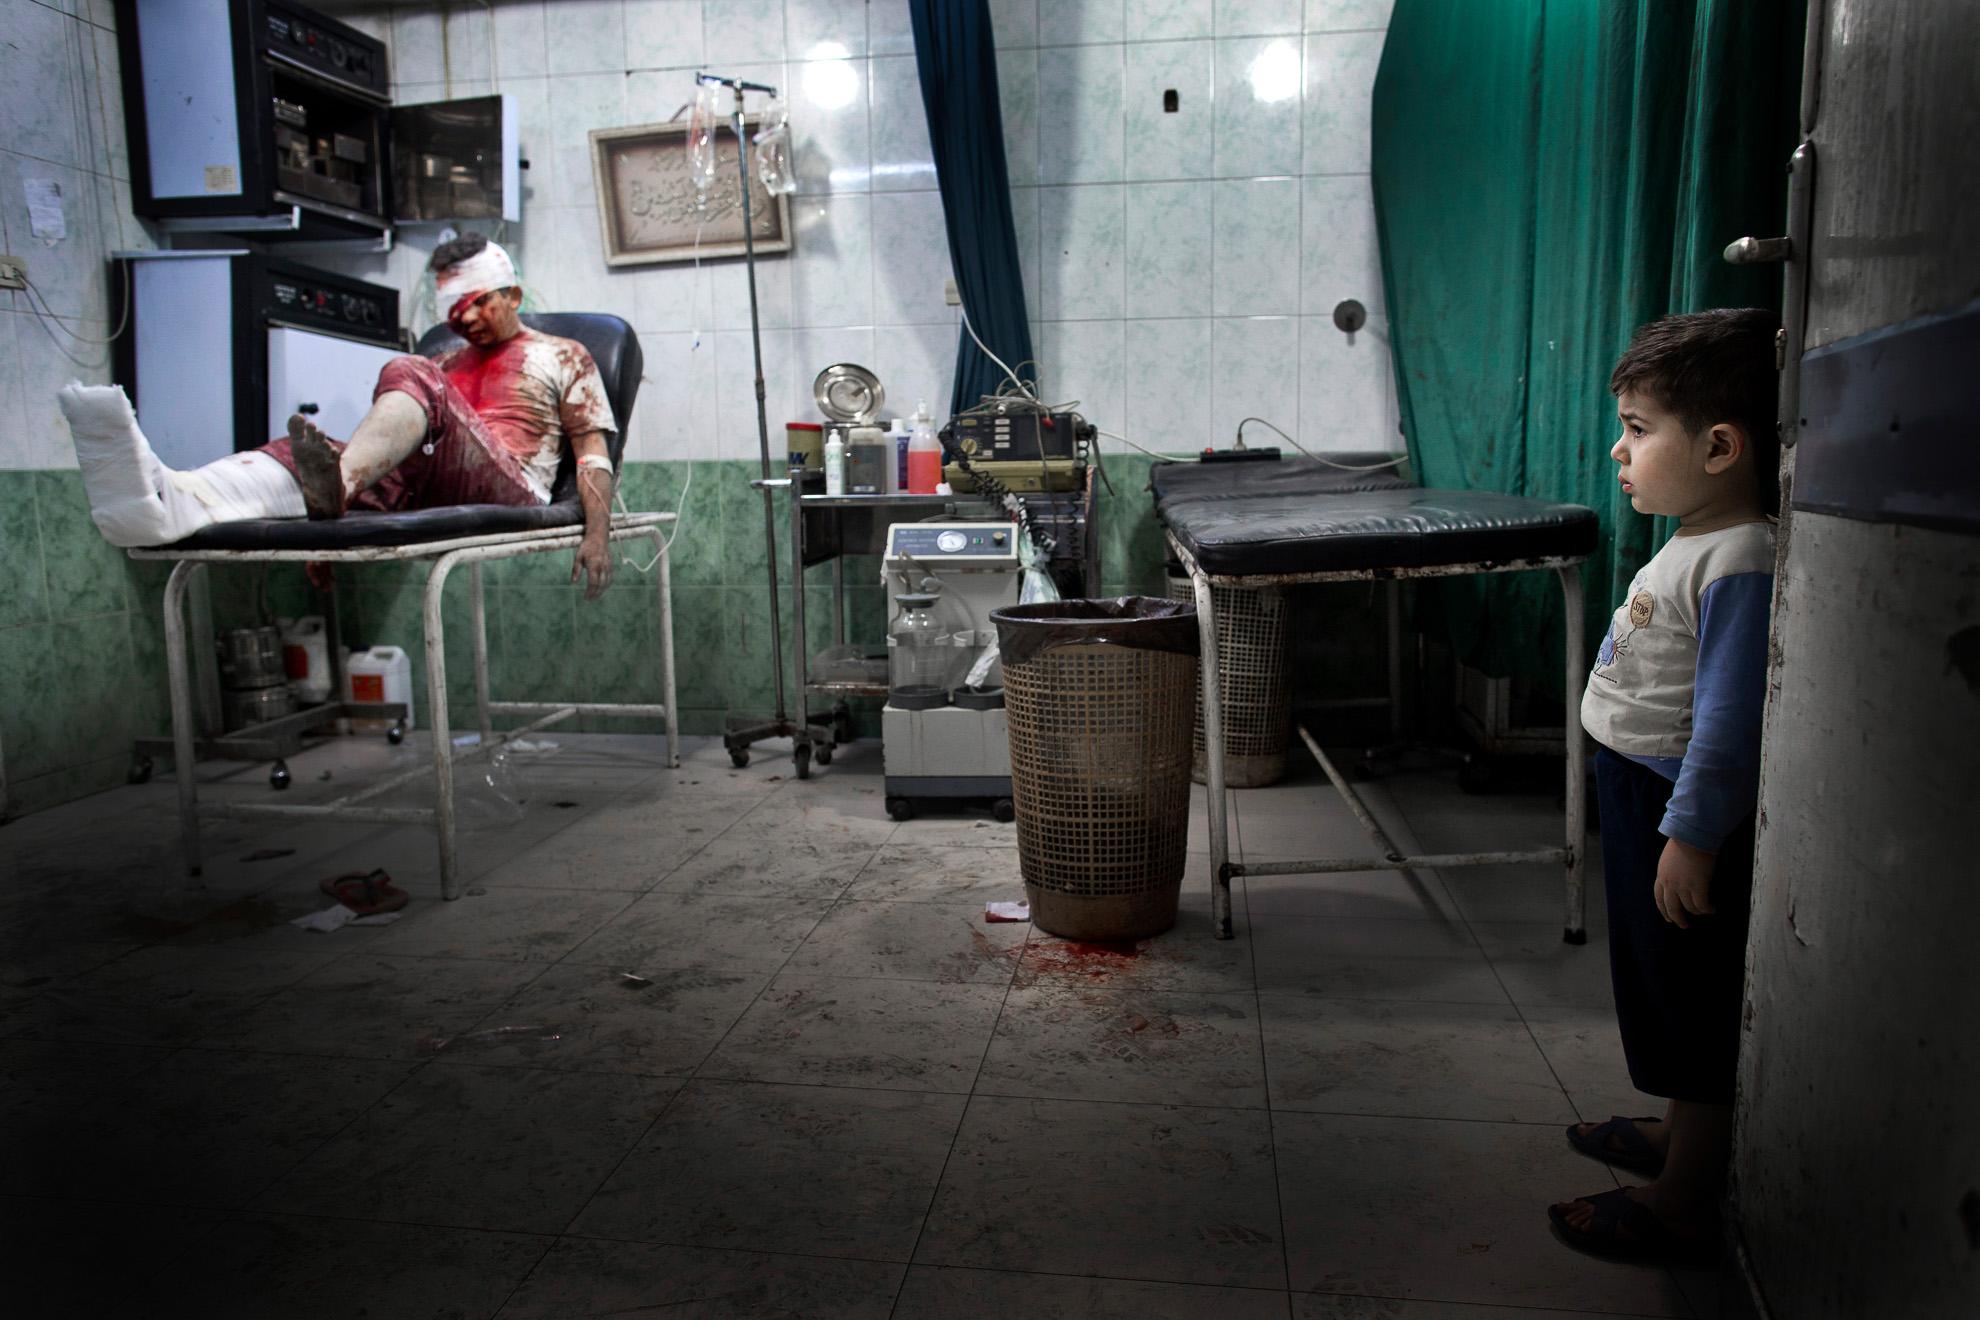 Alepo, Siria. 15-10-2012. Un niño en el hospital de Dar al-Shifa mira a los pacientes heridos. El hombre herido fue trasladado al hospital junto a su esposa embarazada. Ambos están en estado crítico.